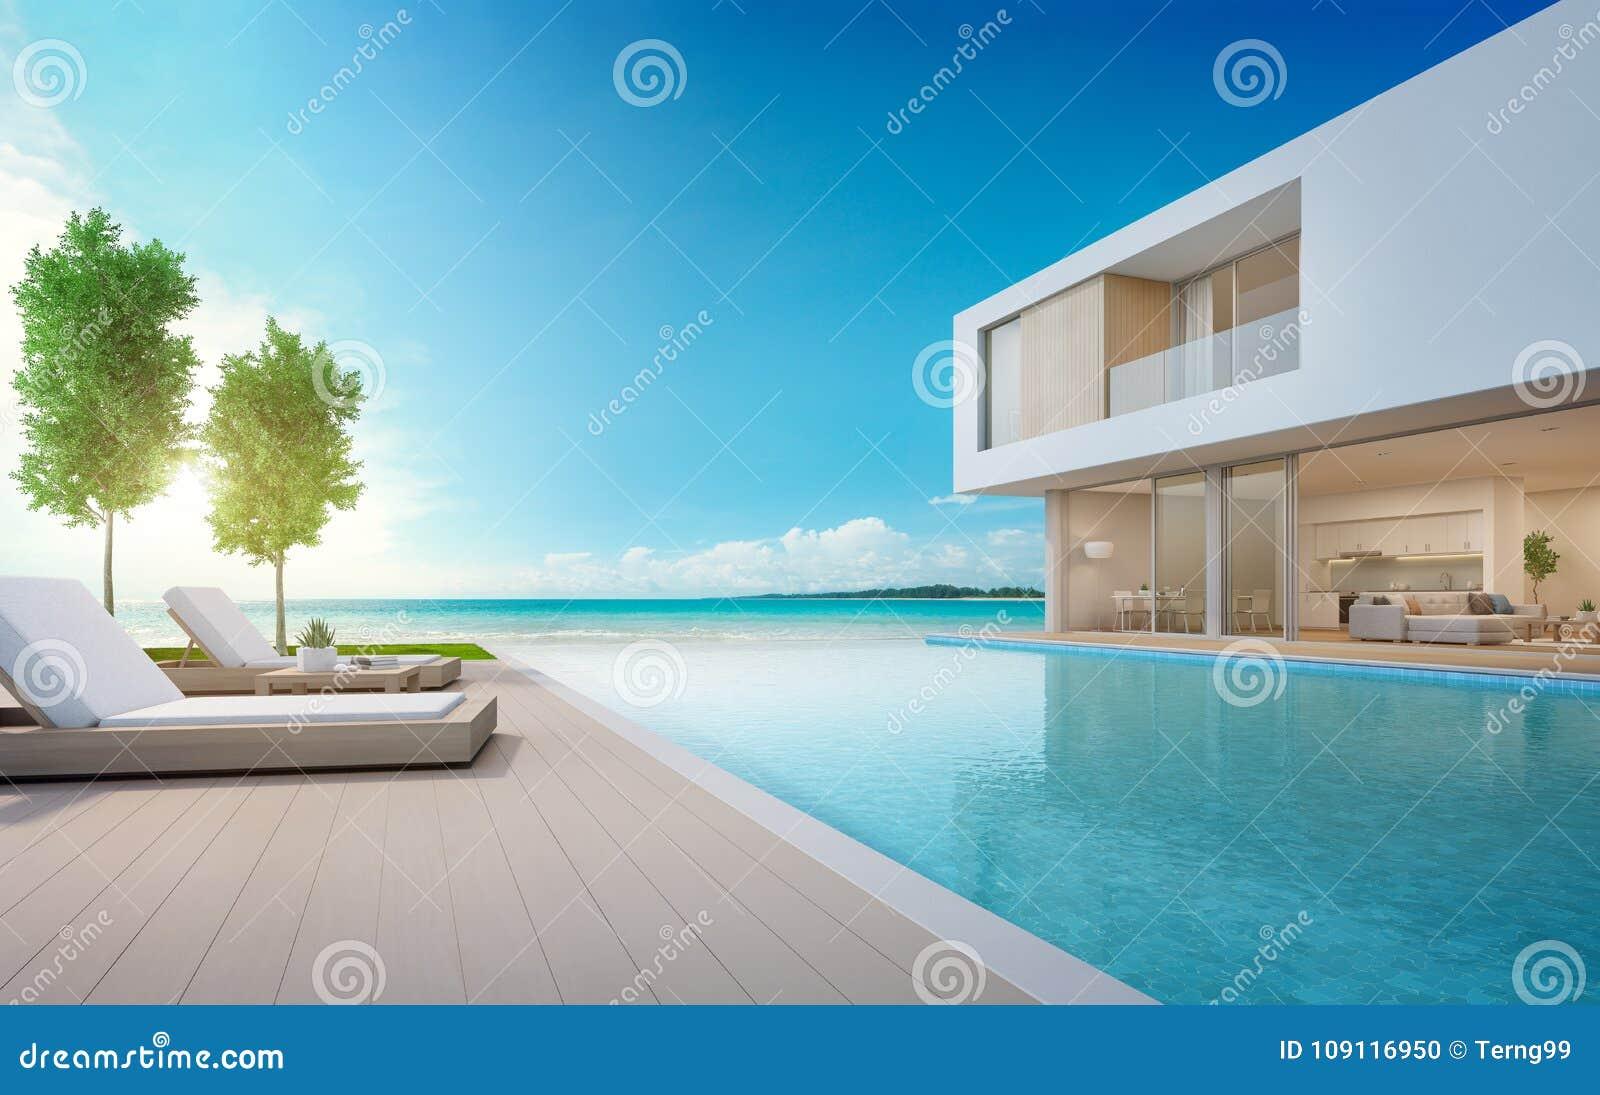 Casa De Playa De Lujo Con La Piscina De La Opinión Del Mar Y